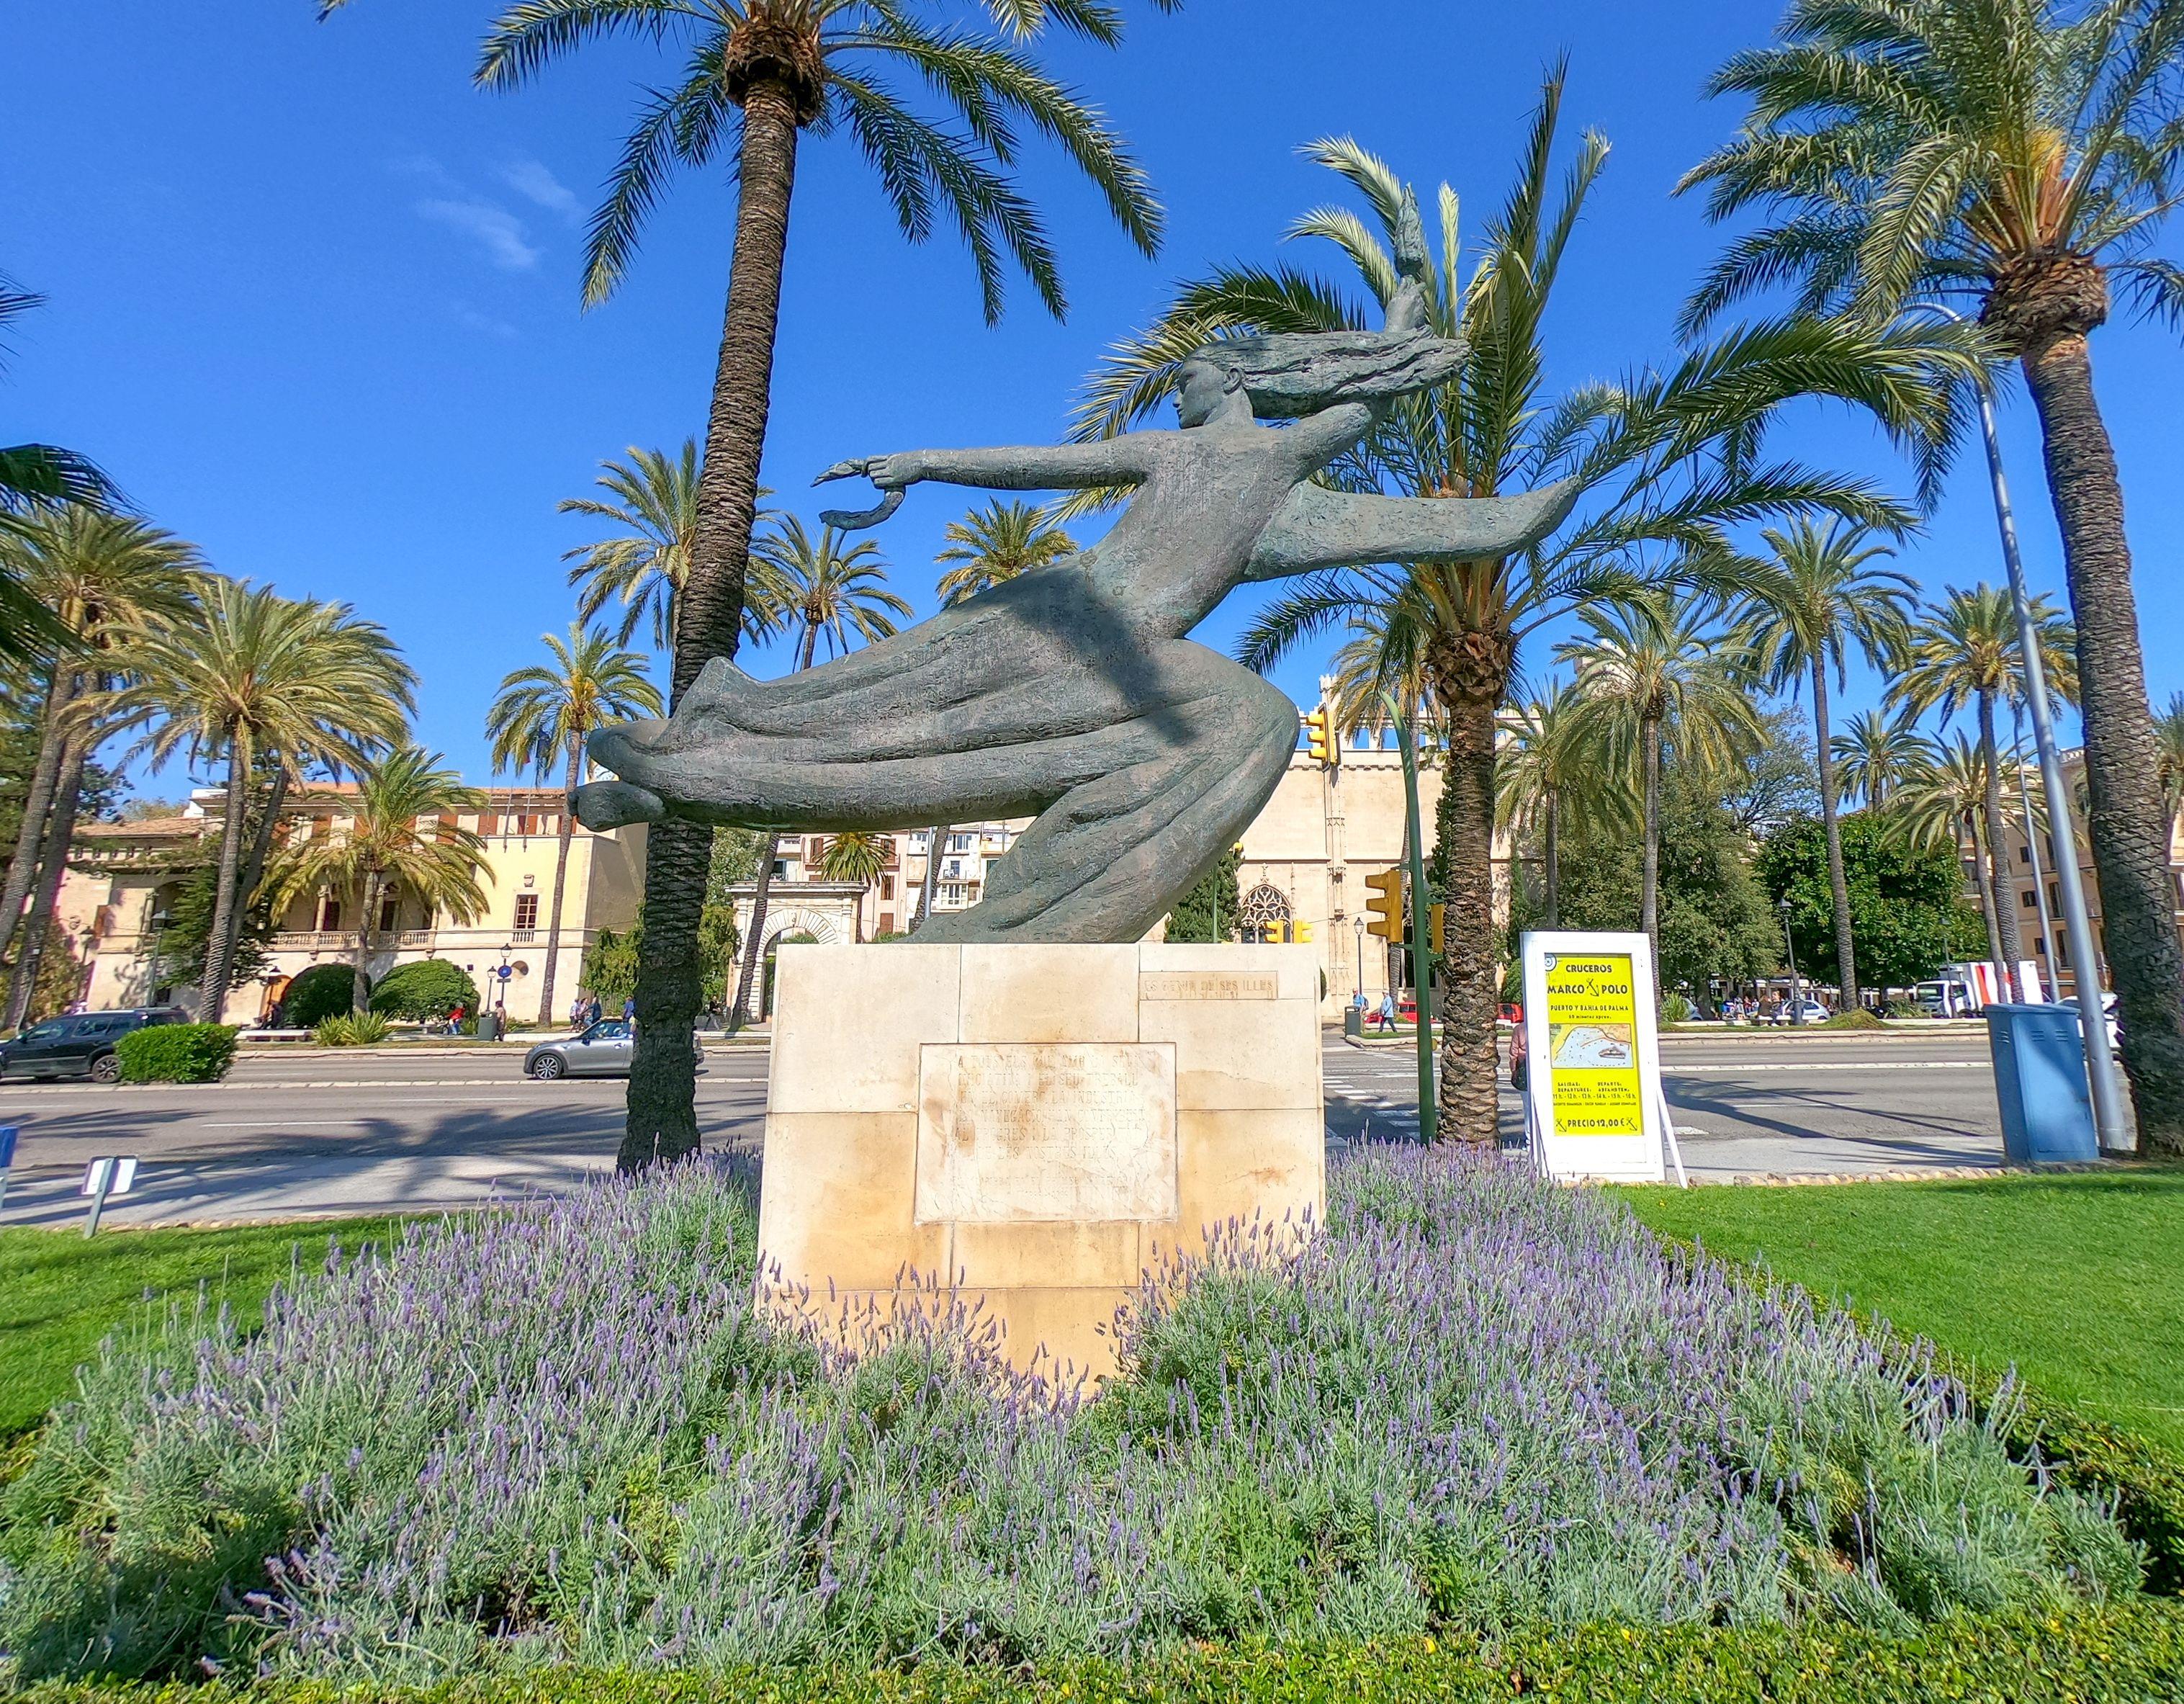 Palma Mallorca Majorca Go Pro Go Pro Photography Travel Photography Travellers Travelbloggers Go Pro Hero 7 P Palma Mallorca Majorca Mallorca